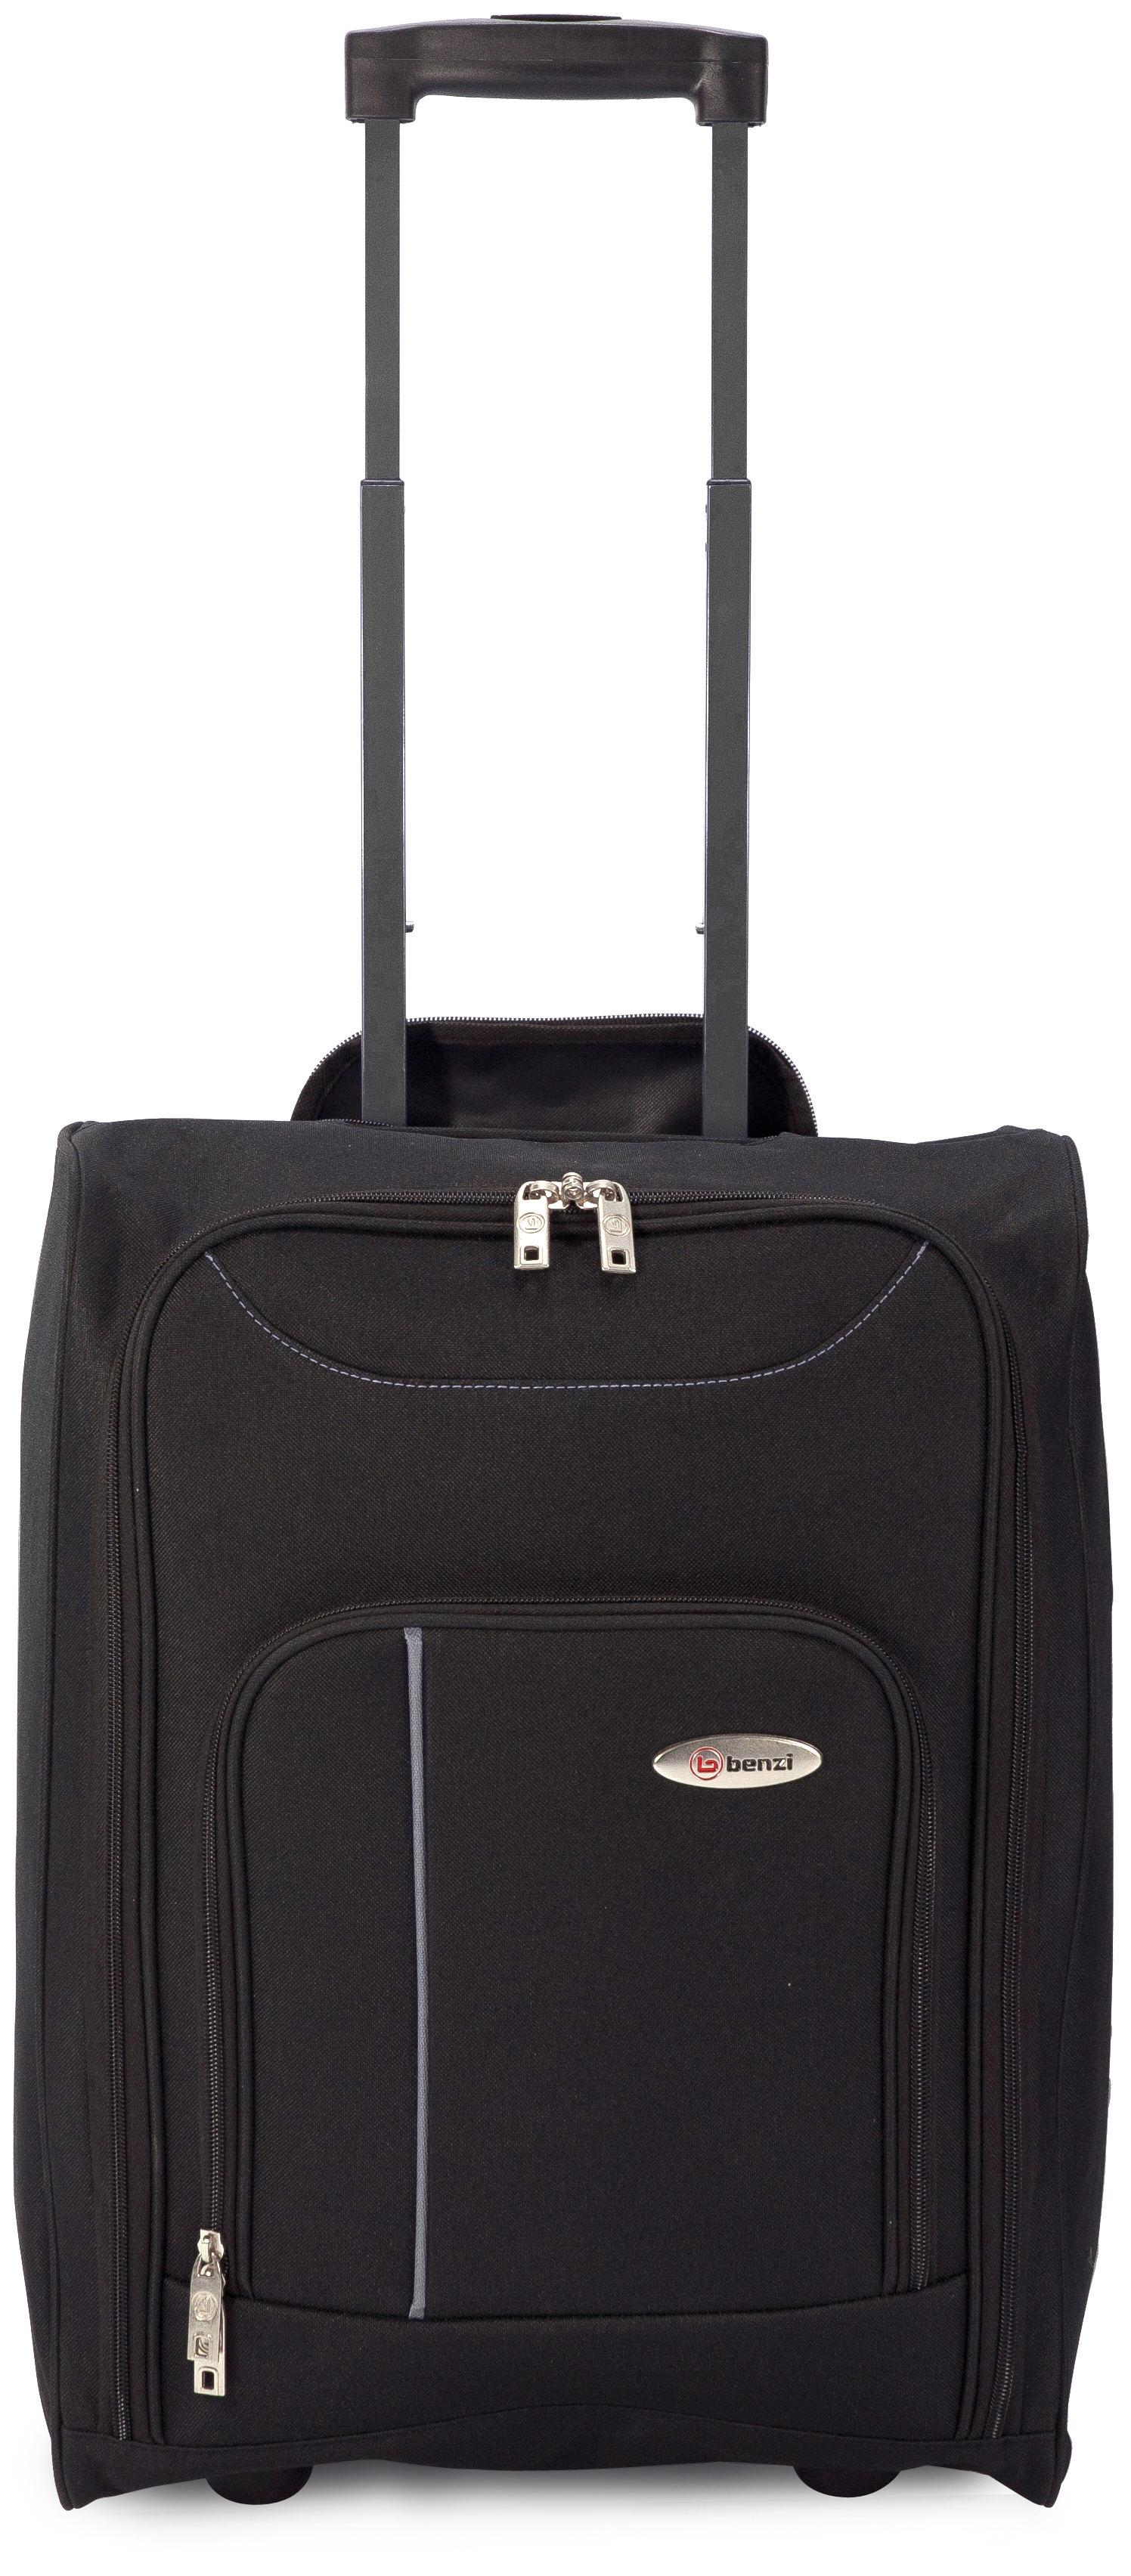 Βαλίτσα καμπίνας 4891 BLACK/GREY, BENZI εποχιακα ειδη   είδη ταξιδιού   βαλίτσες